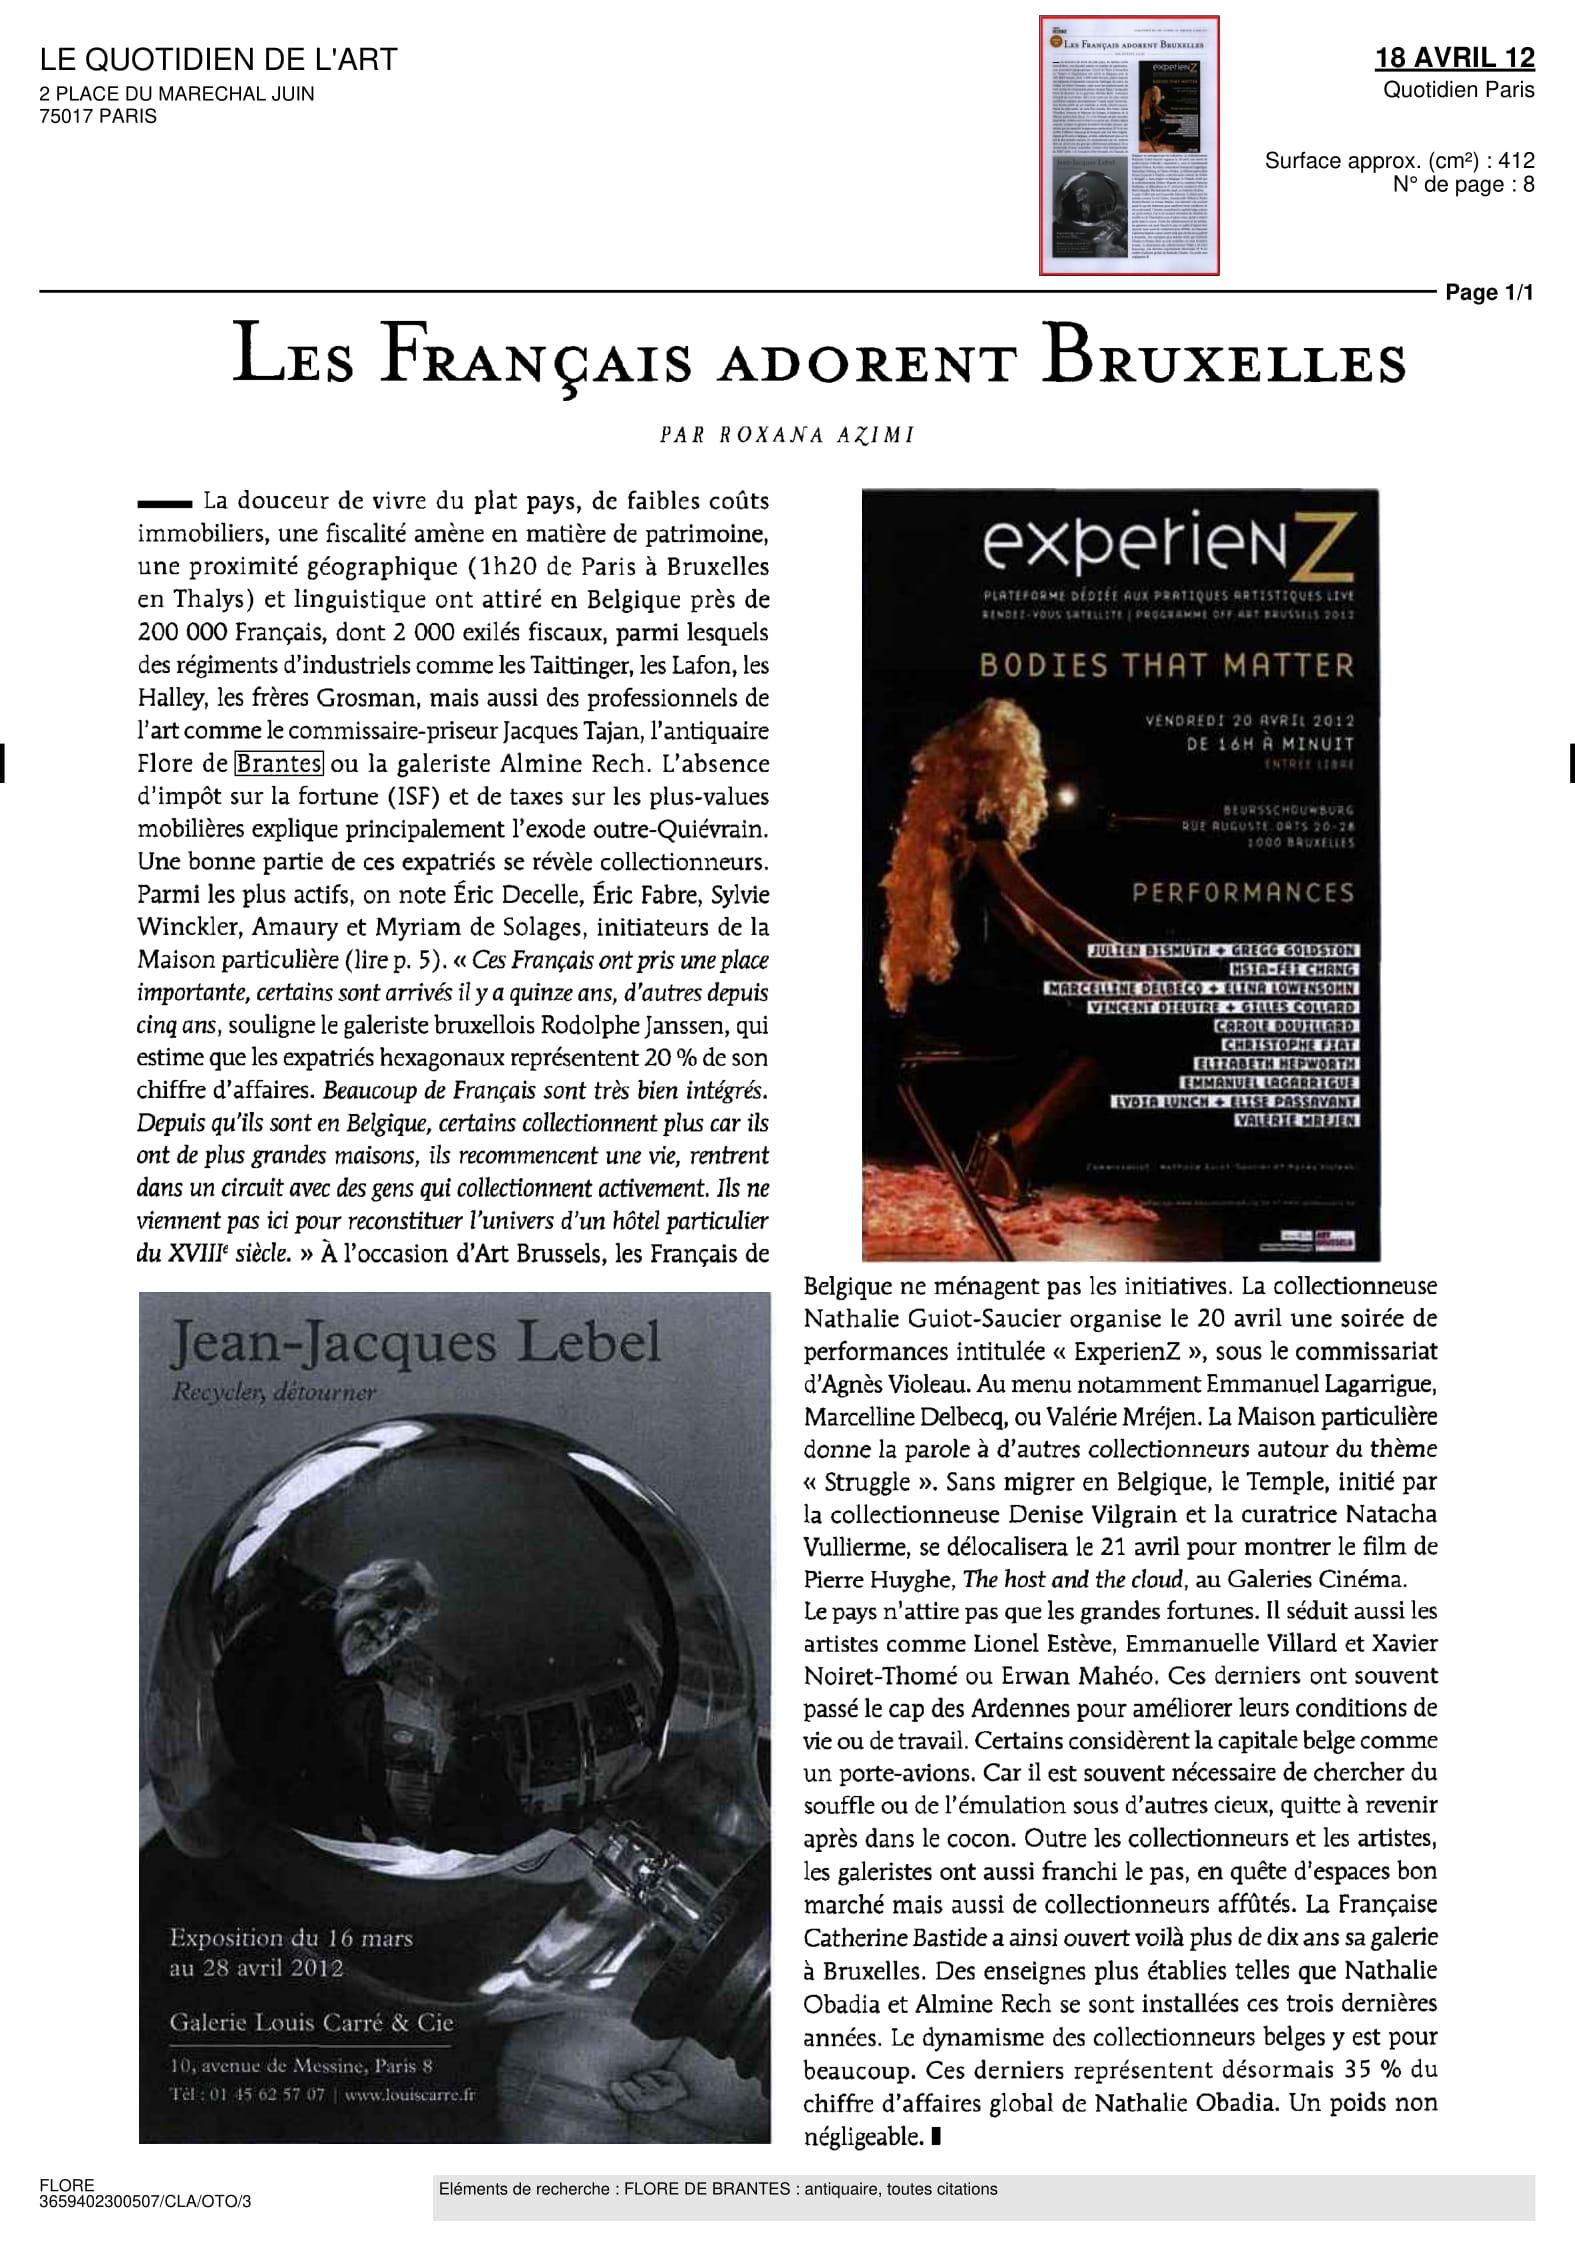 Le Quotidien de l'Art — April 2012